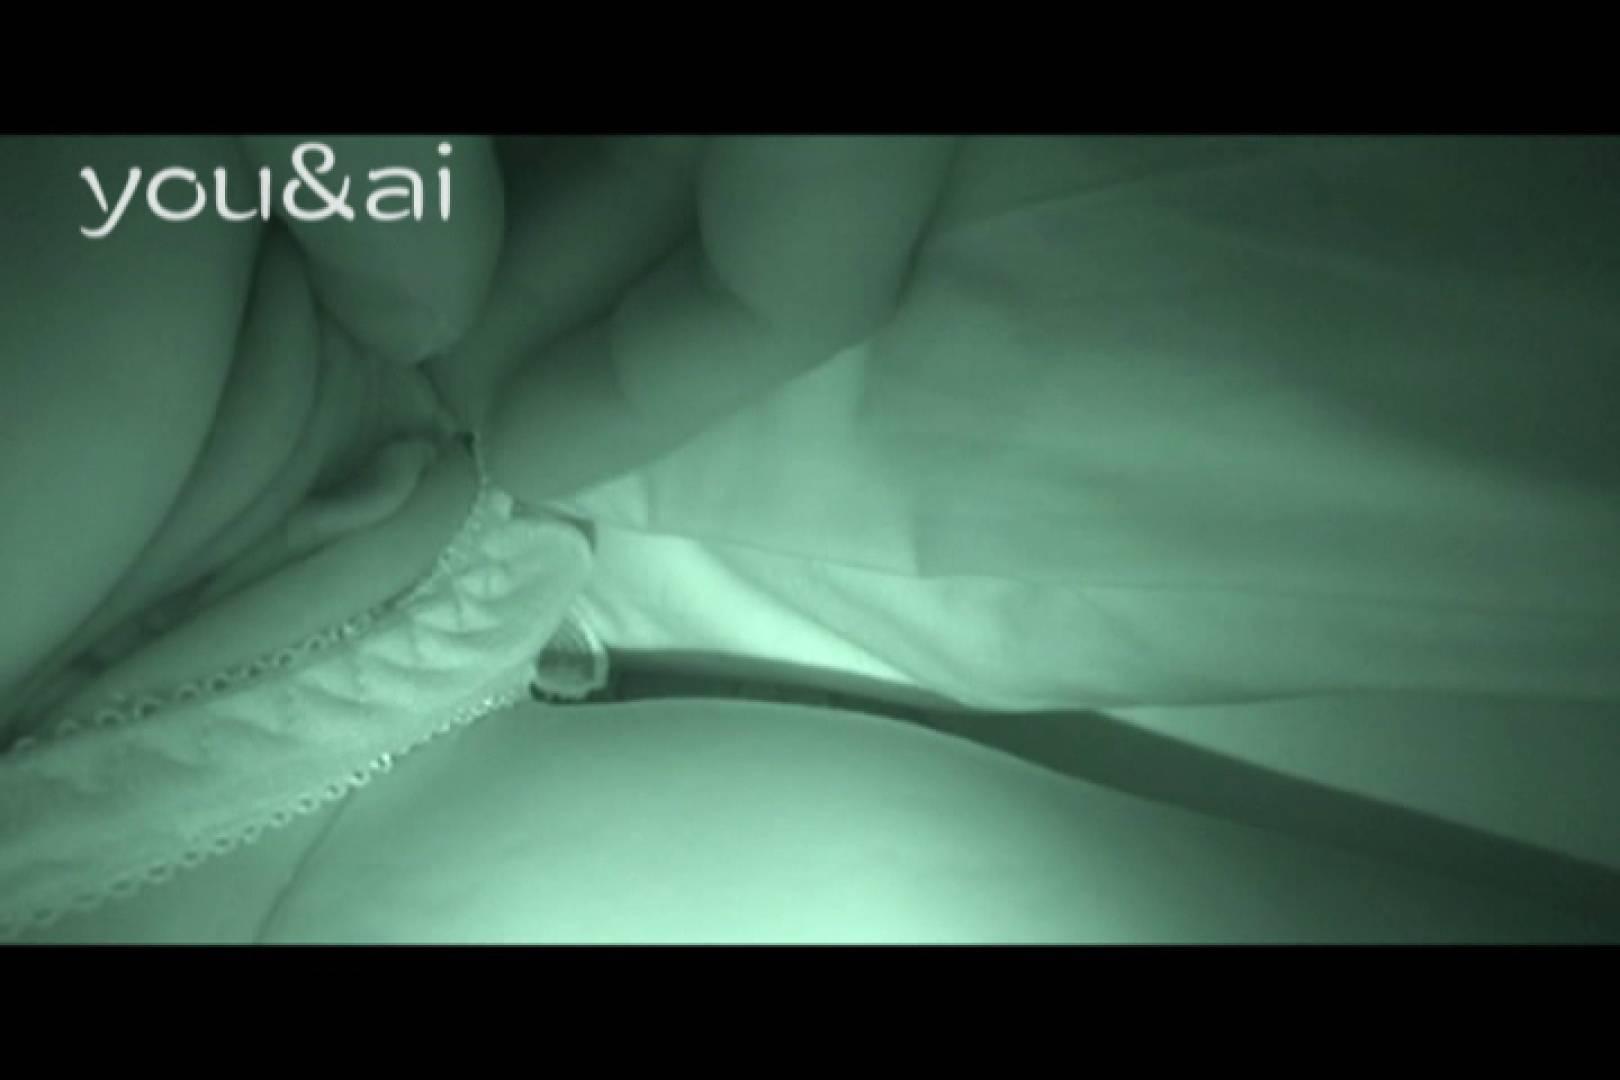 おしどり夫婦のyou&aiさん投稿作品vol.6 0   0  97画像 16